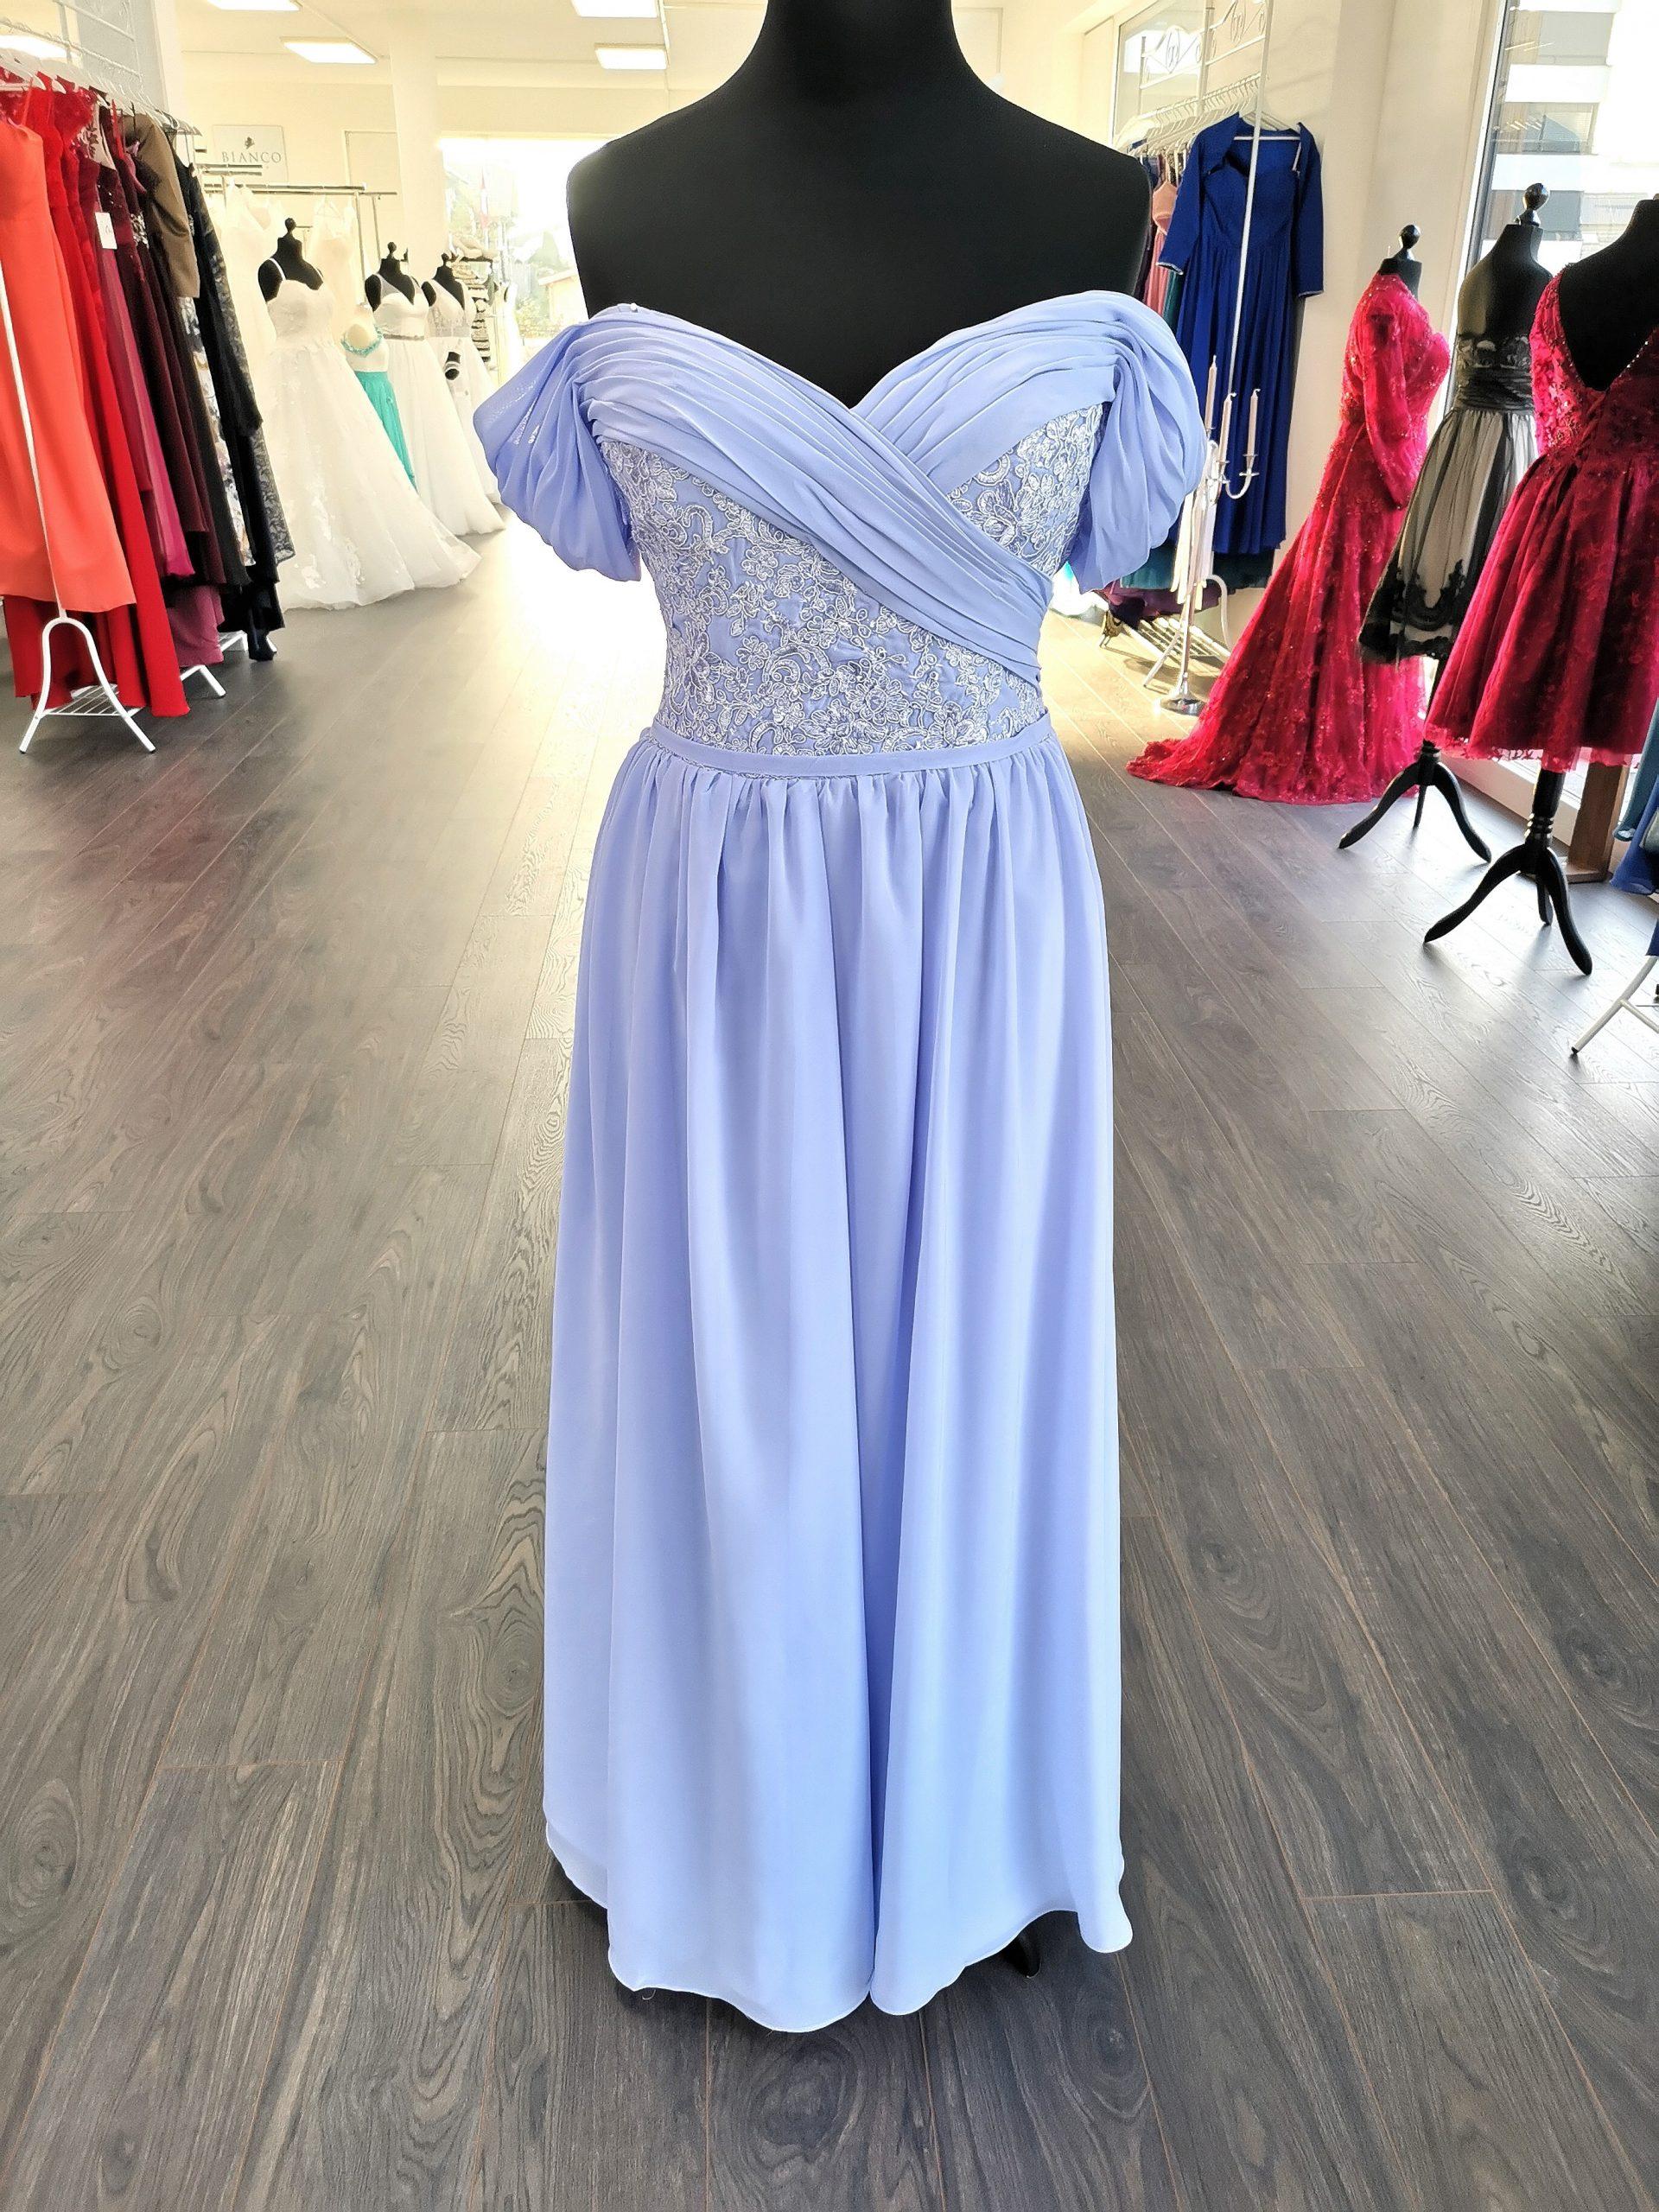 10 Elegant Abendkleid Xara Ärmel13 Einzigartig Abendkleid Xara Boutique